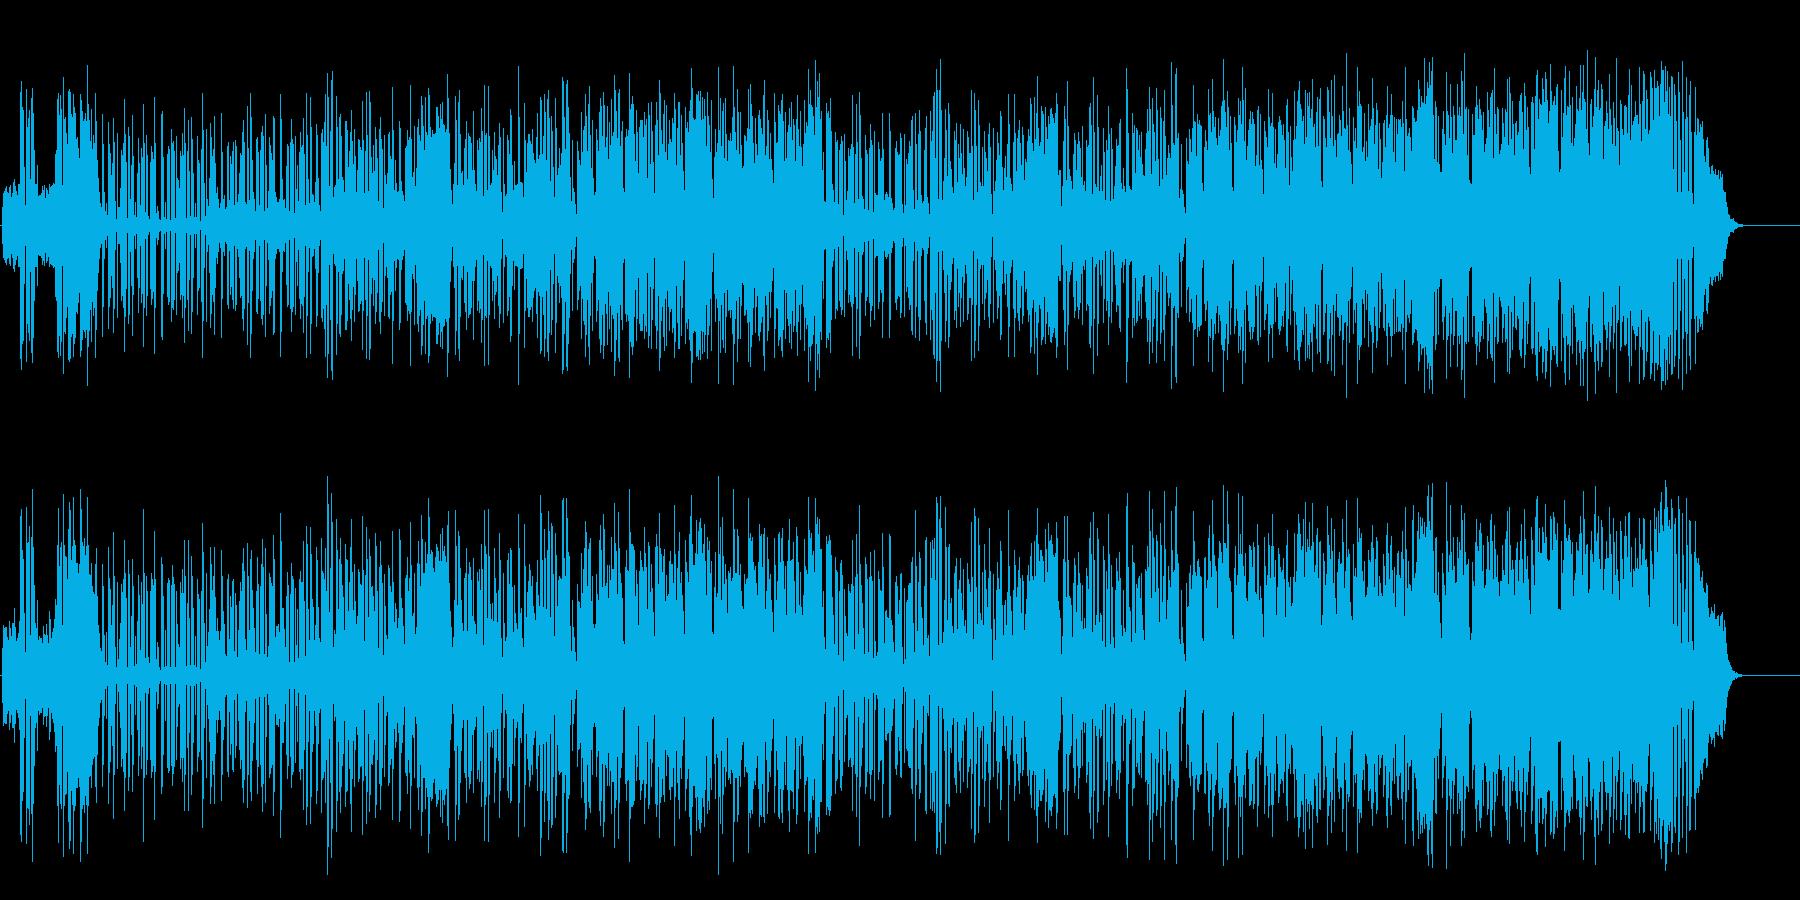 ソウル・テイストのミクスチャー・ポップスの再生済みの波形